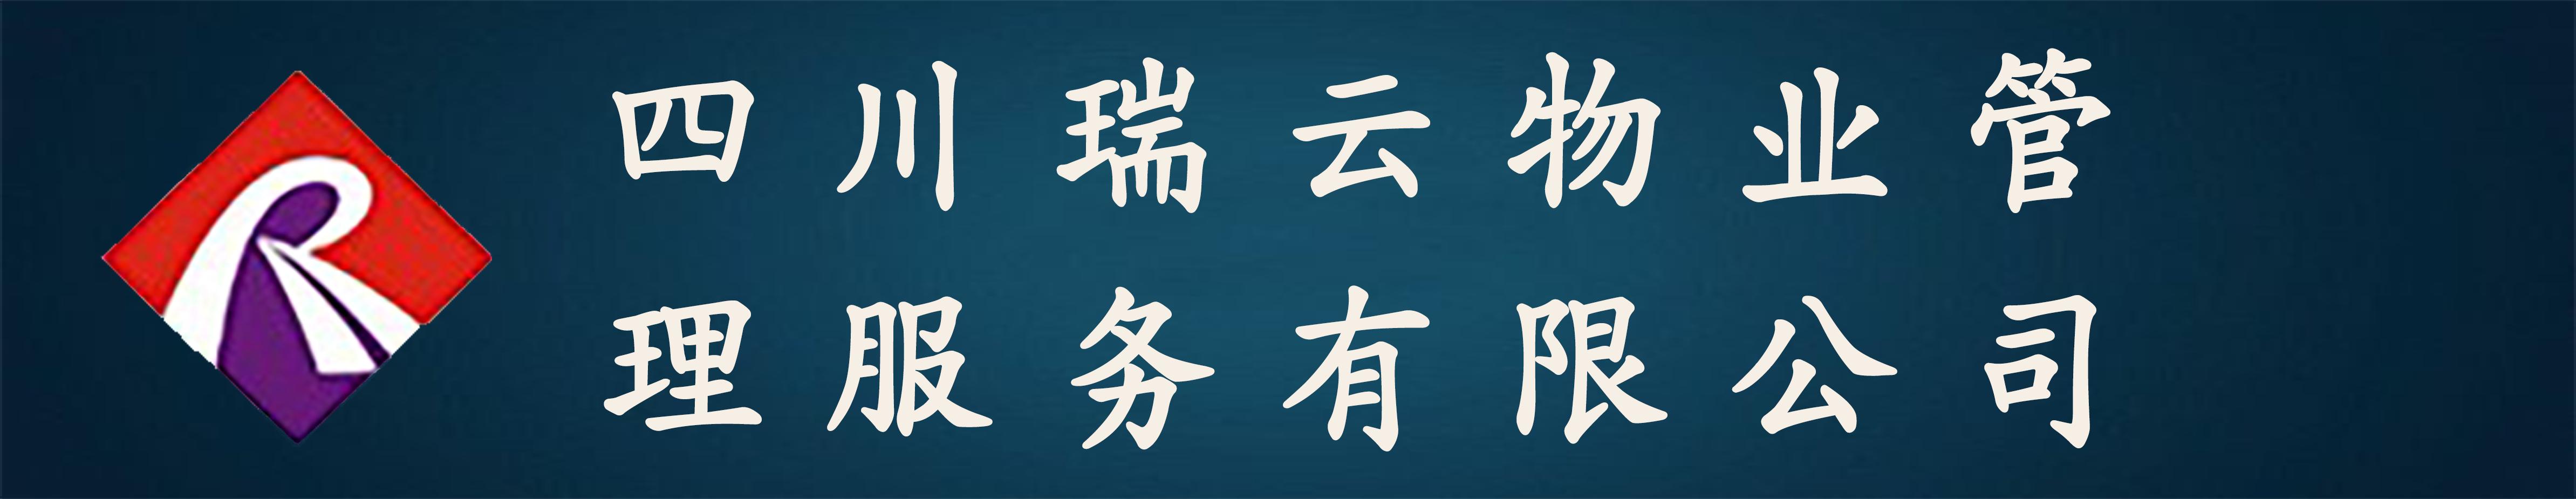 四川瑞云物业管理服务有限公司